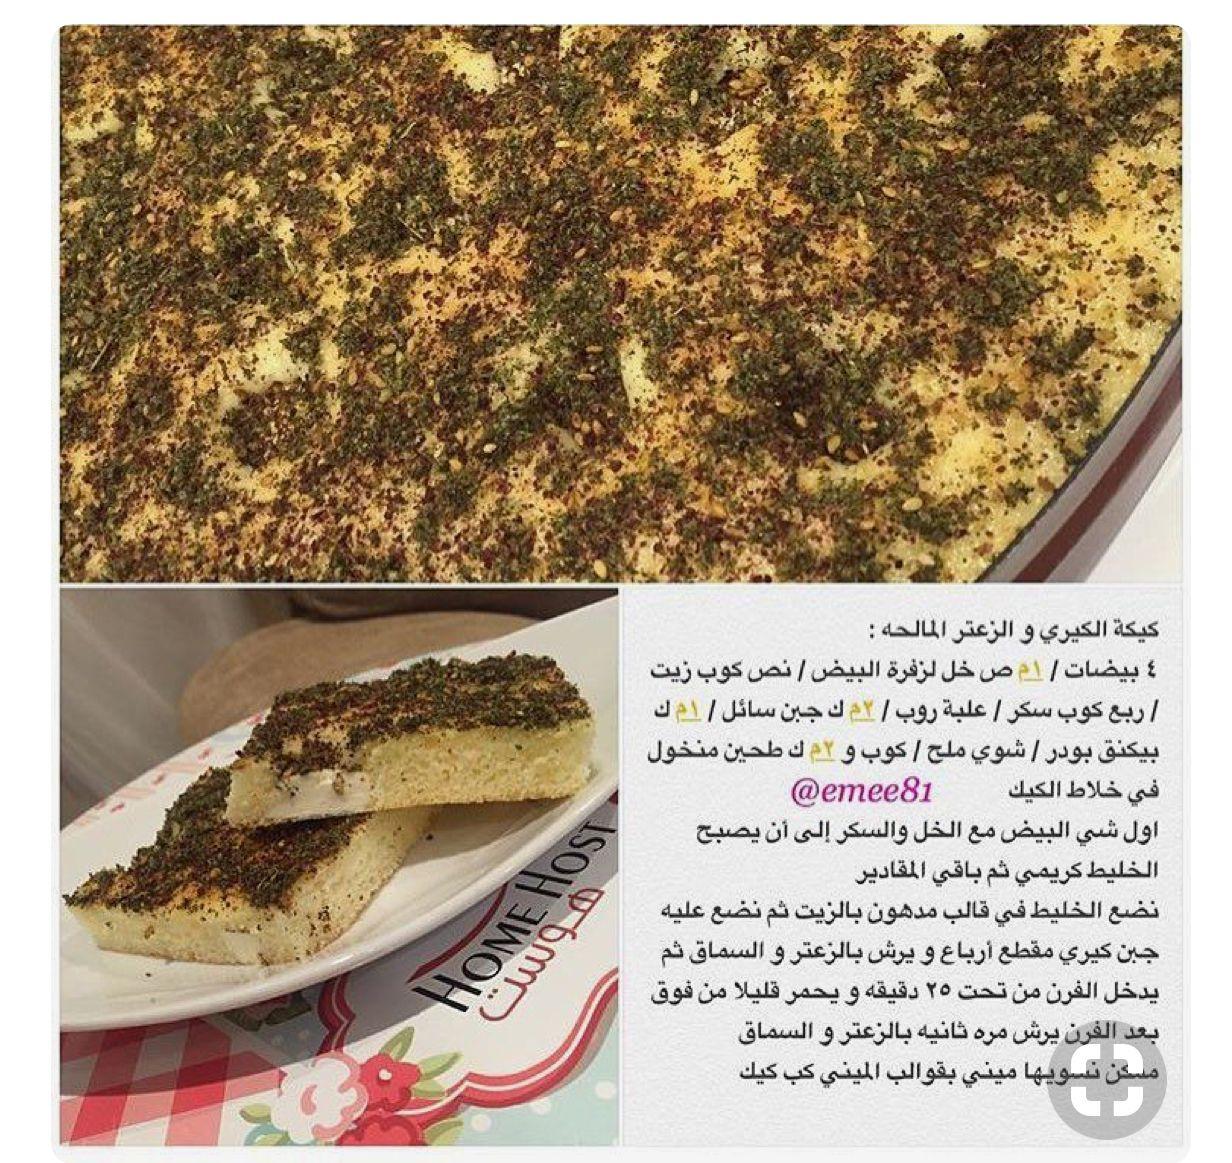 كيكة مالحه بالجبن والزعتر Food Receipes Food Cake Recipes